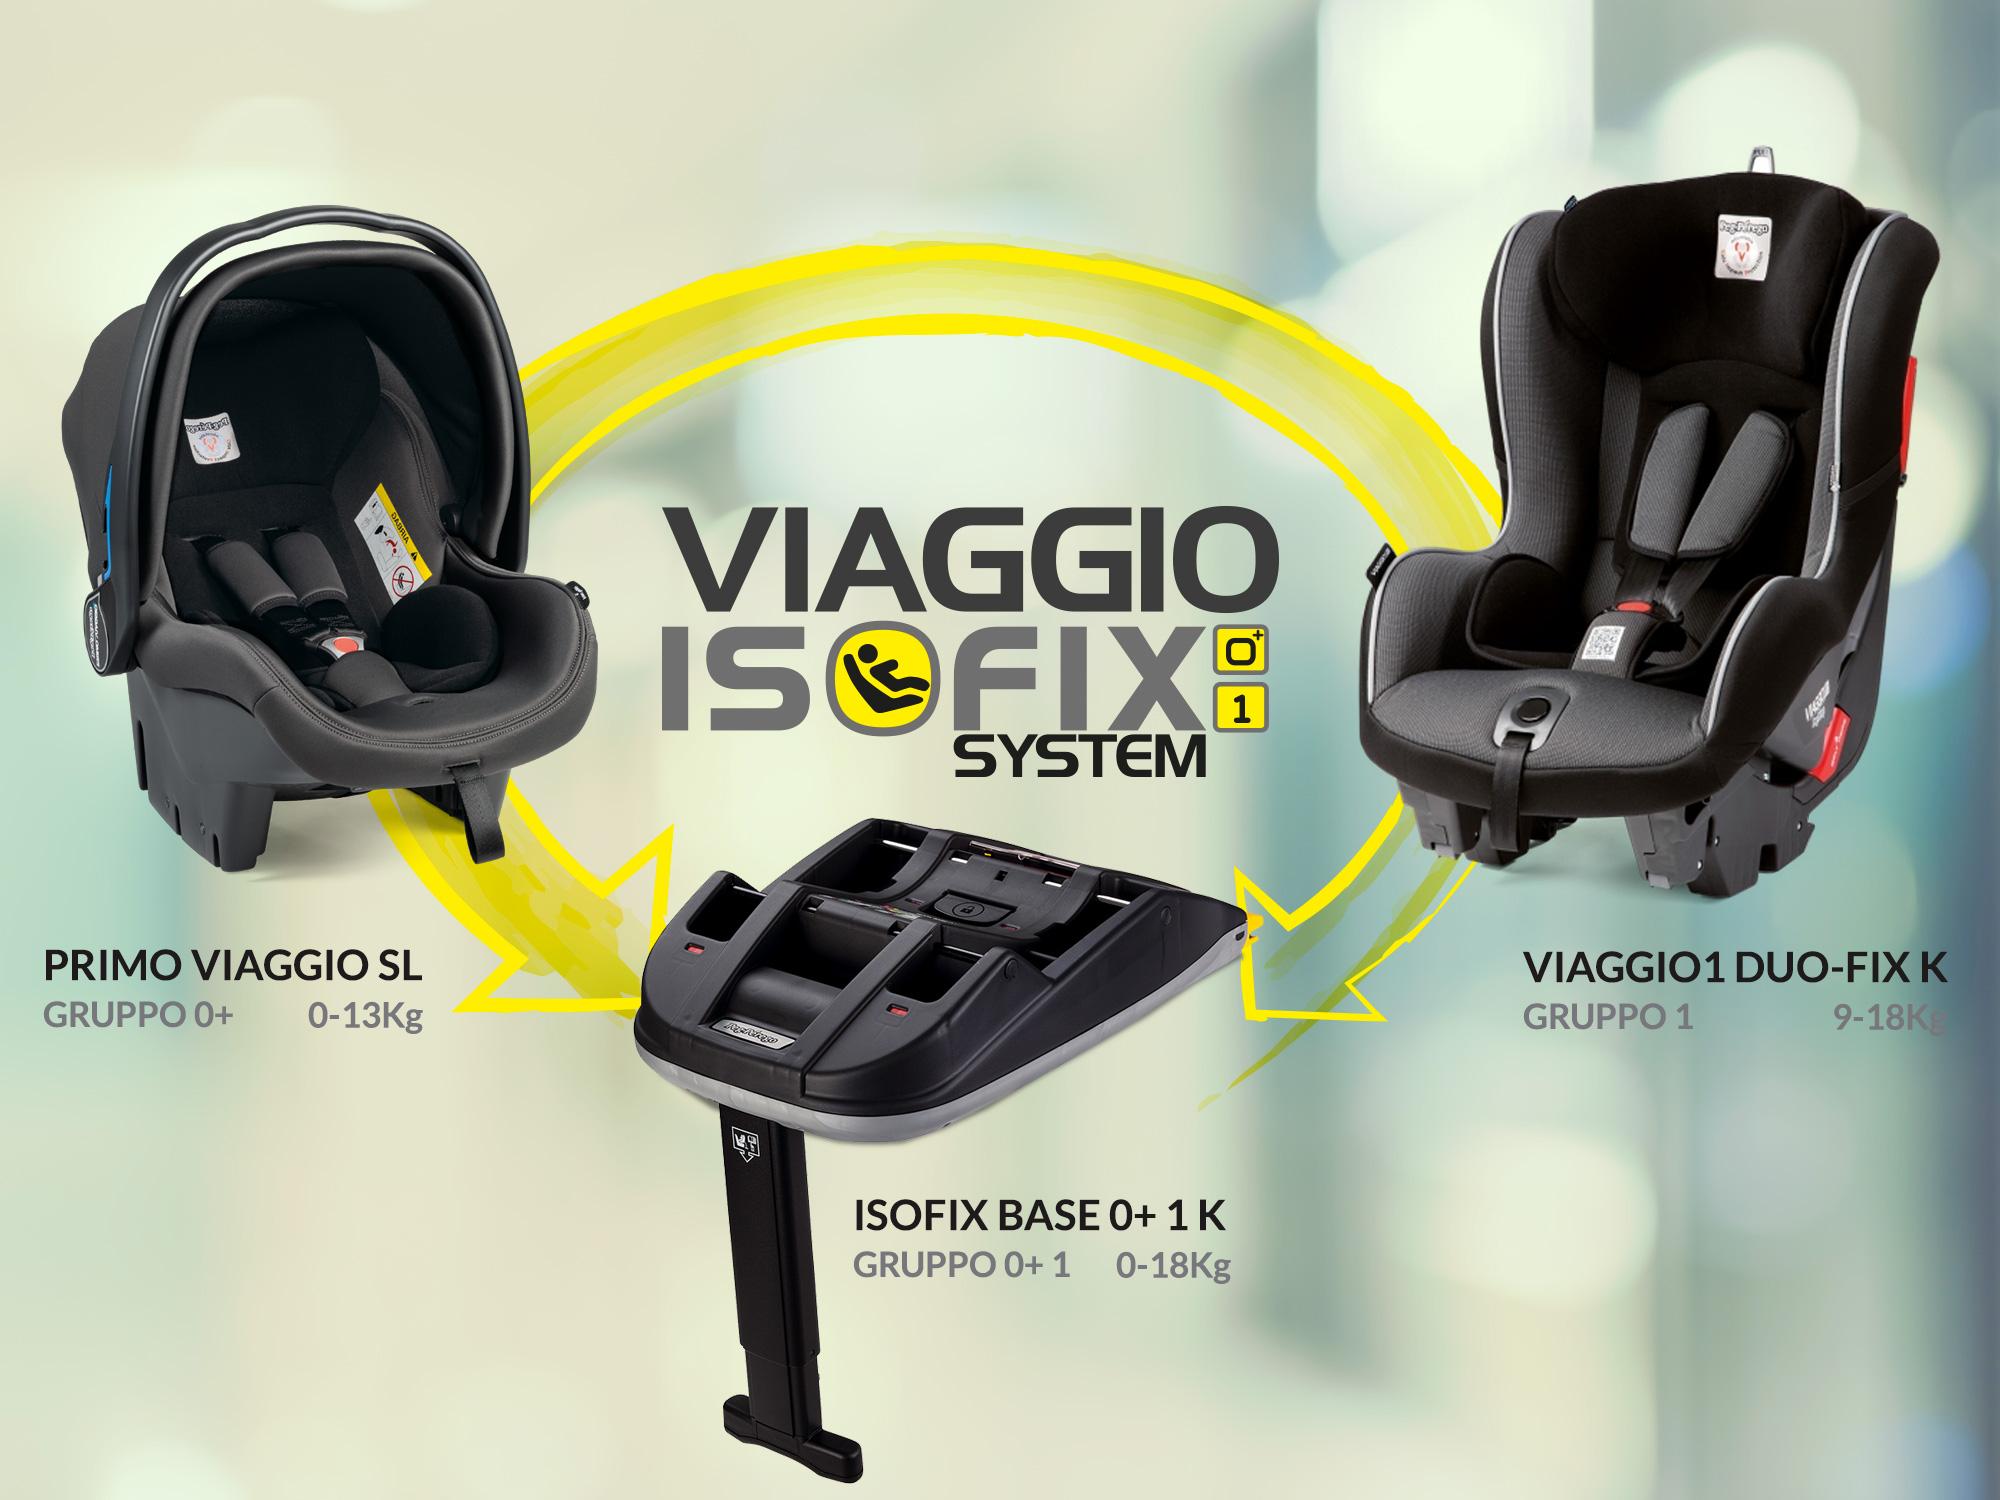 viaggio-isofix-system_02